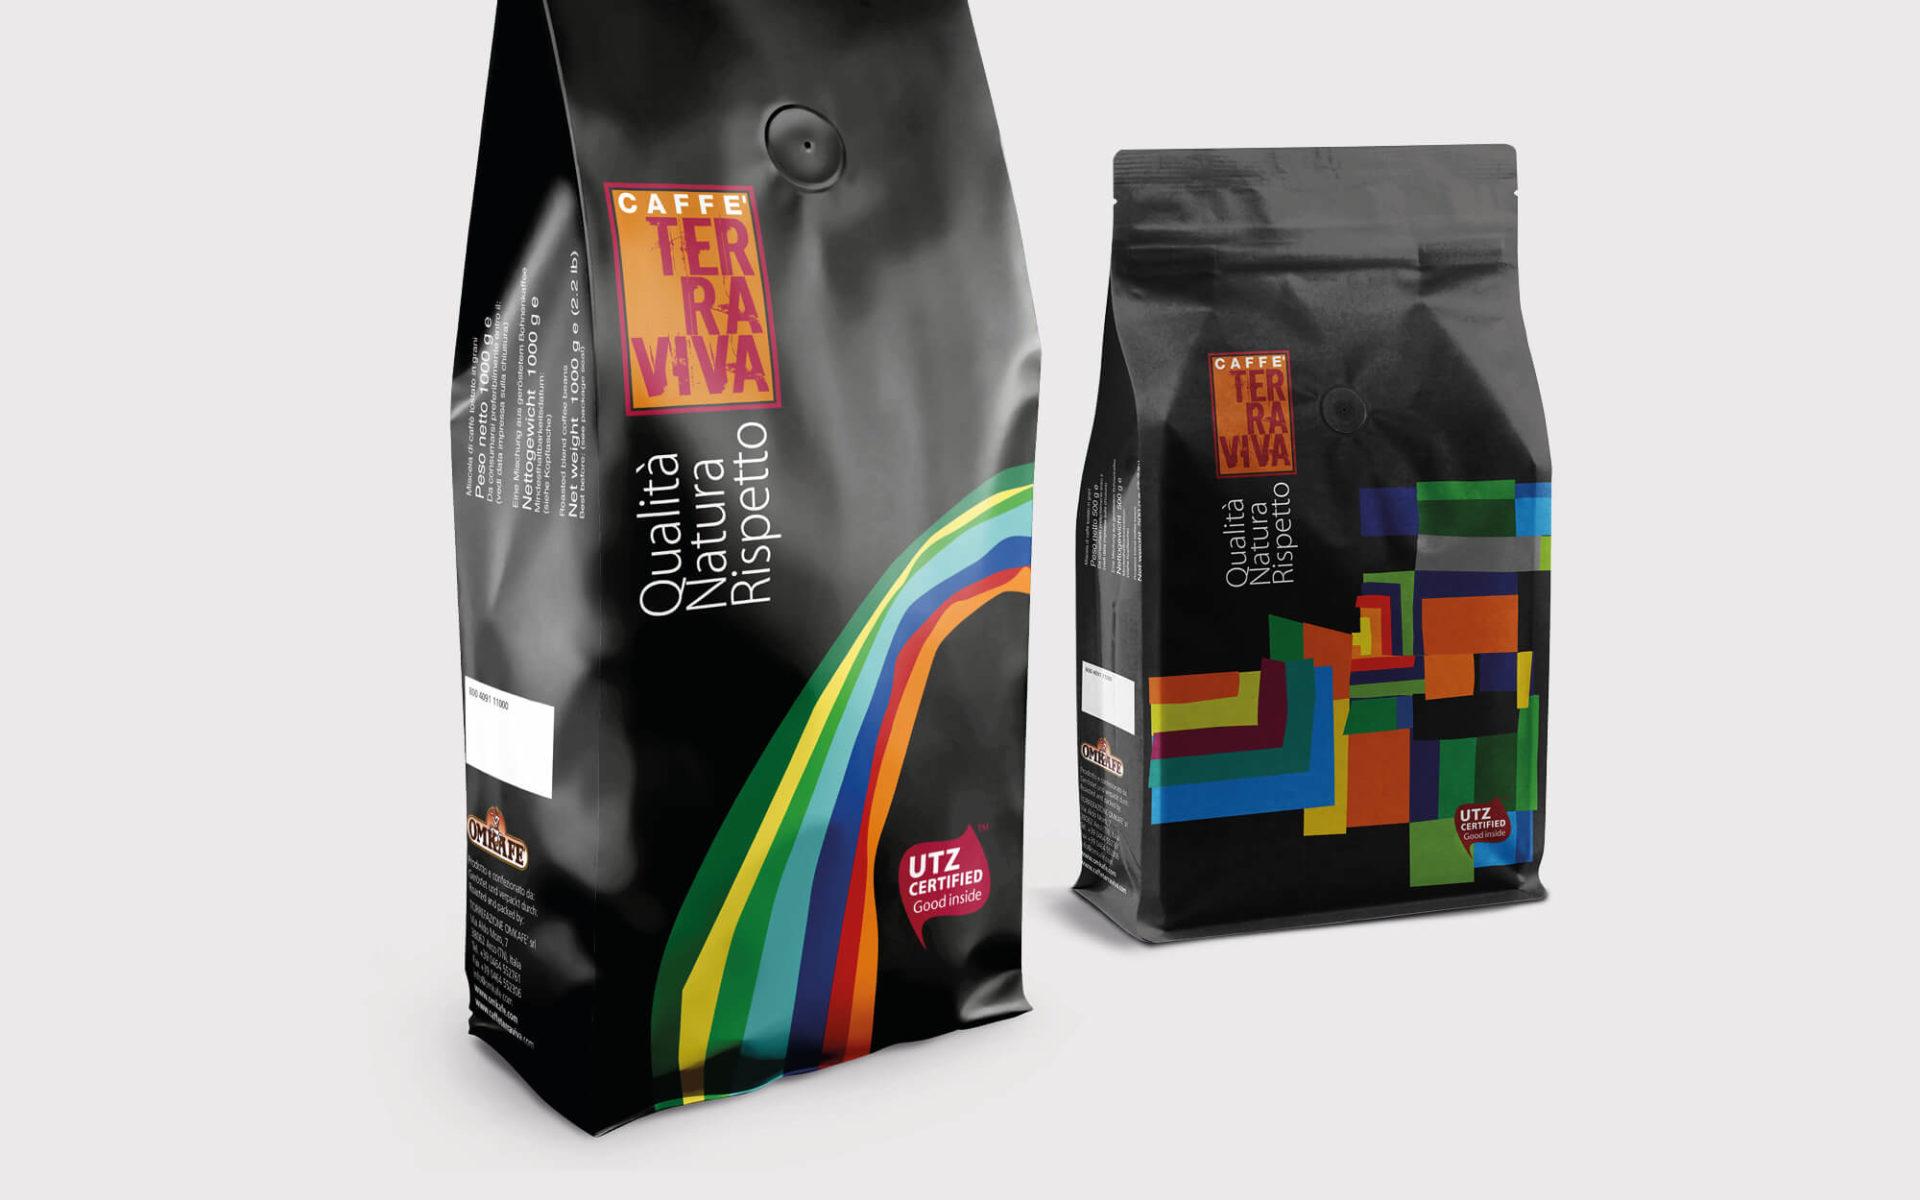 sacchetto caffè terraviva, progetto grafico per confezione alimentare creato da diadestudio agenzia di comunicazione arco trento